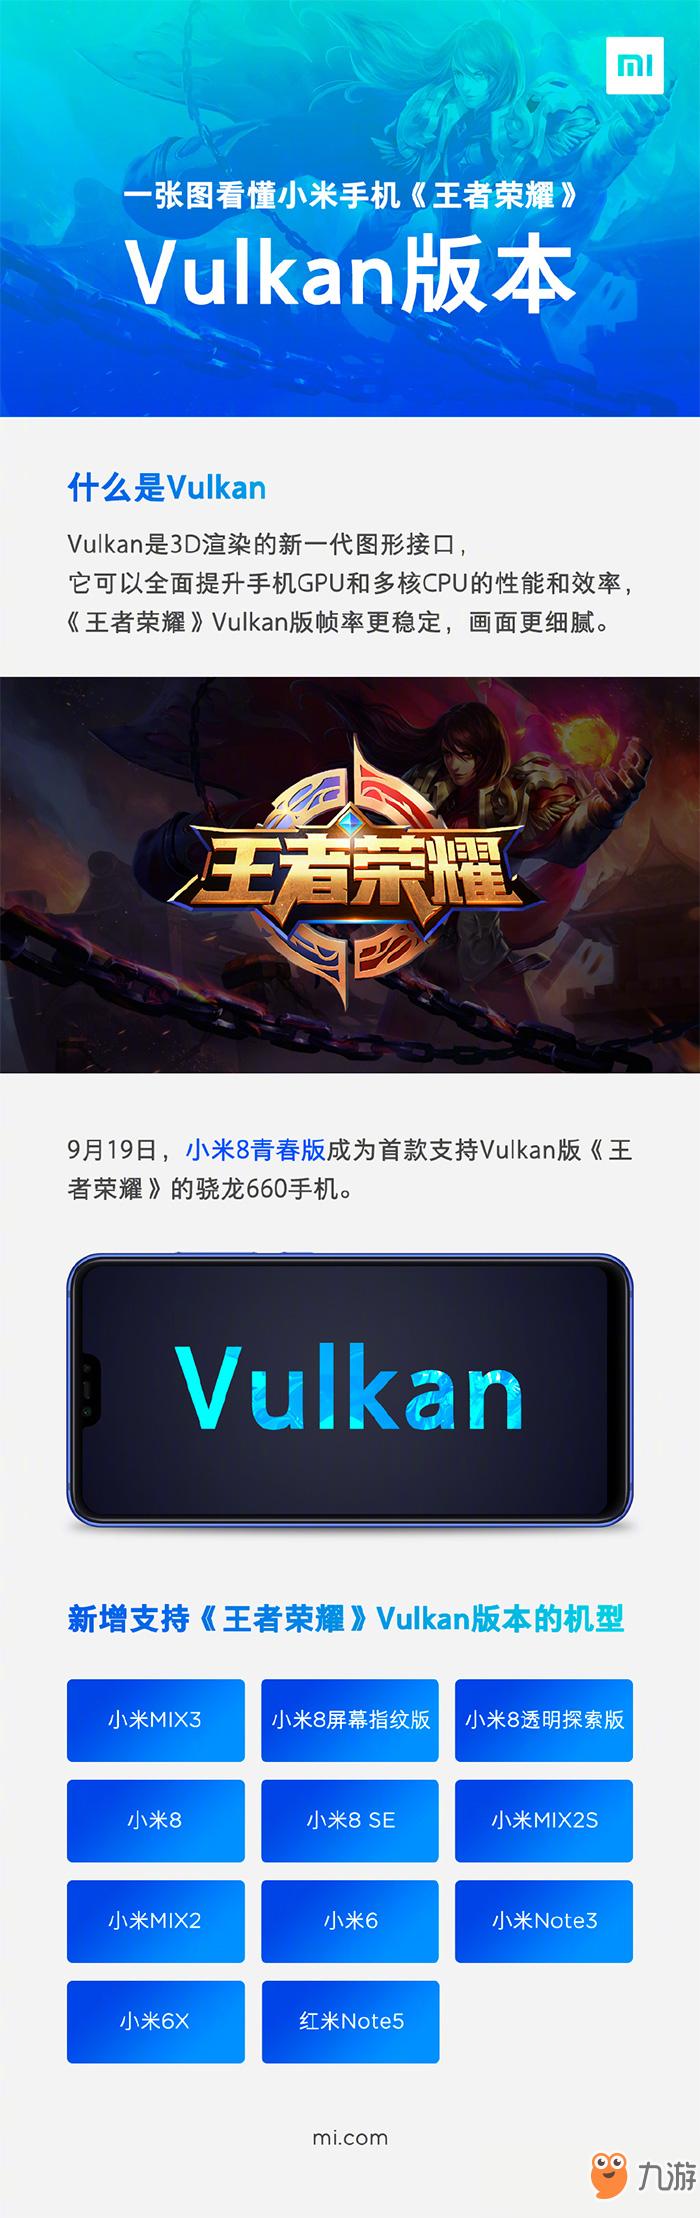 Vulkan版王者荣耀上线:CPU负载减少30% 小米12款手机支持